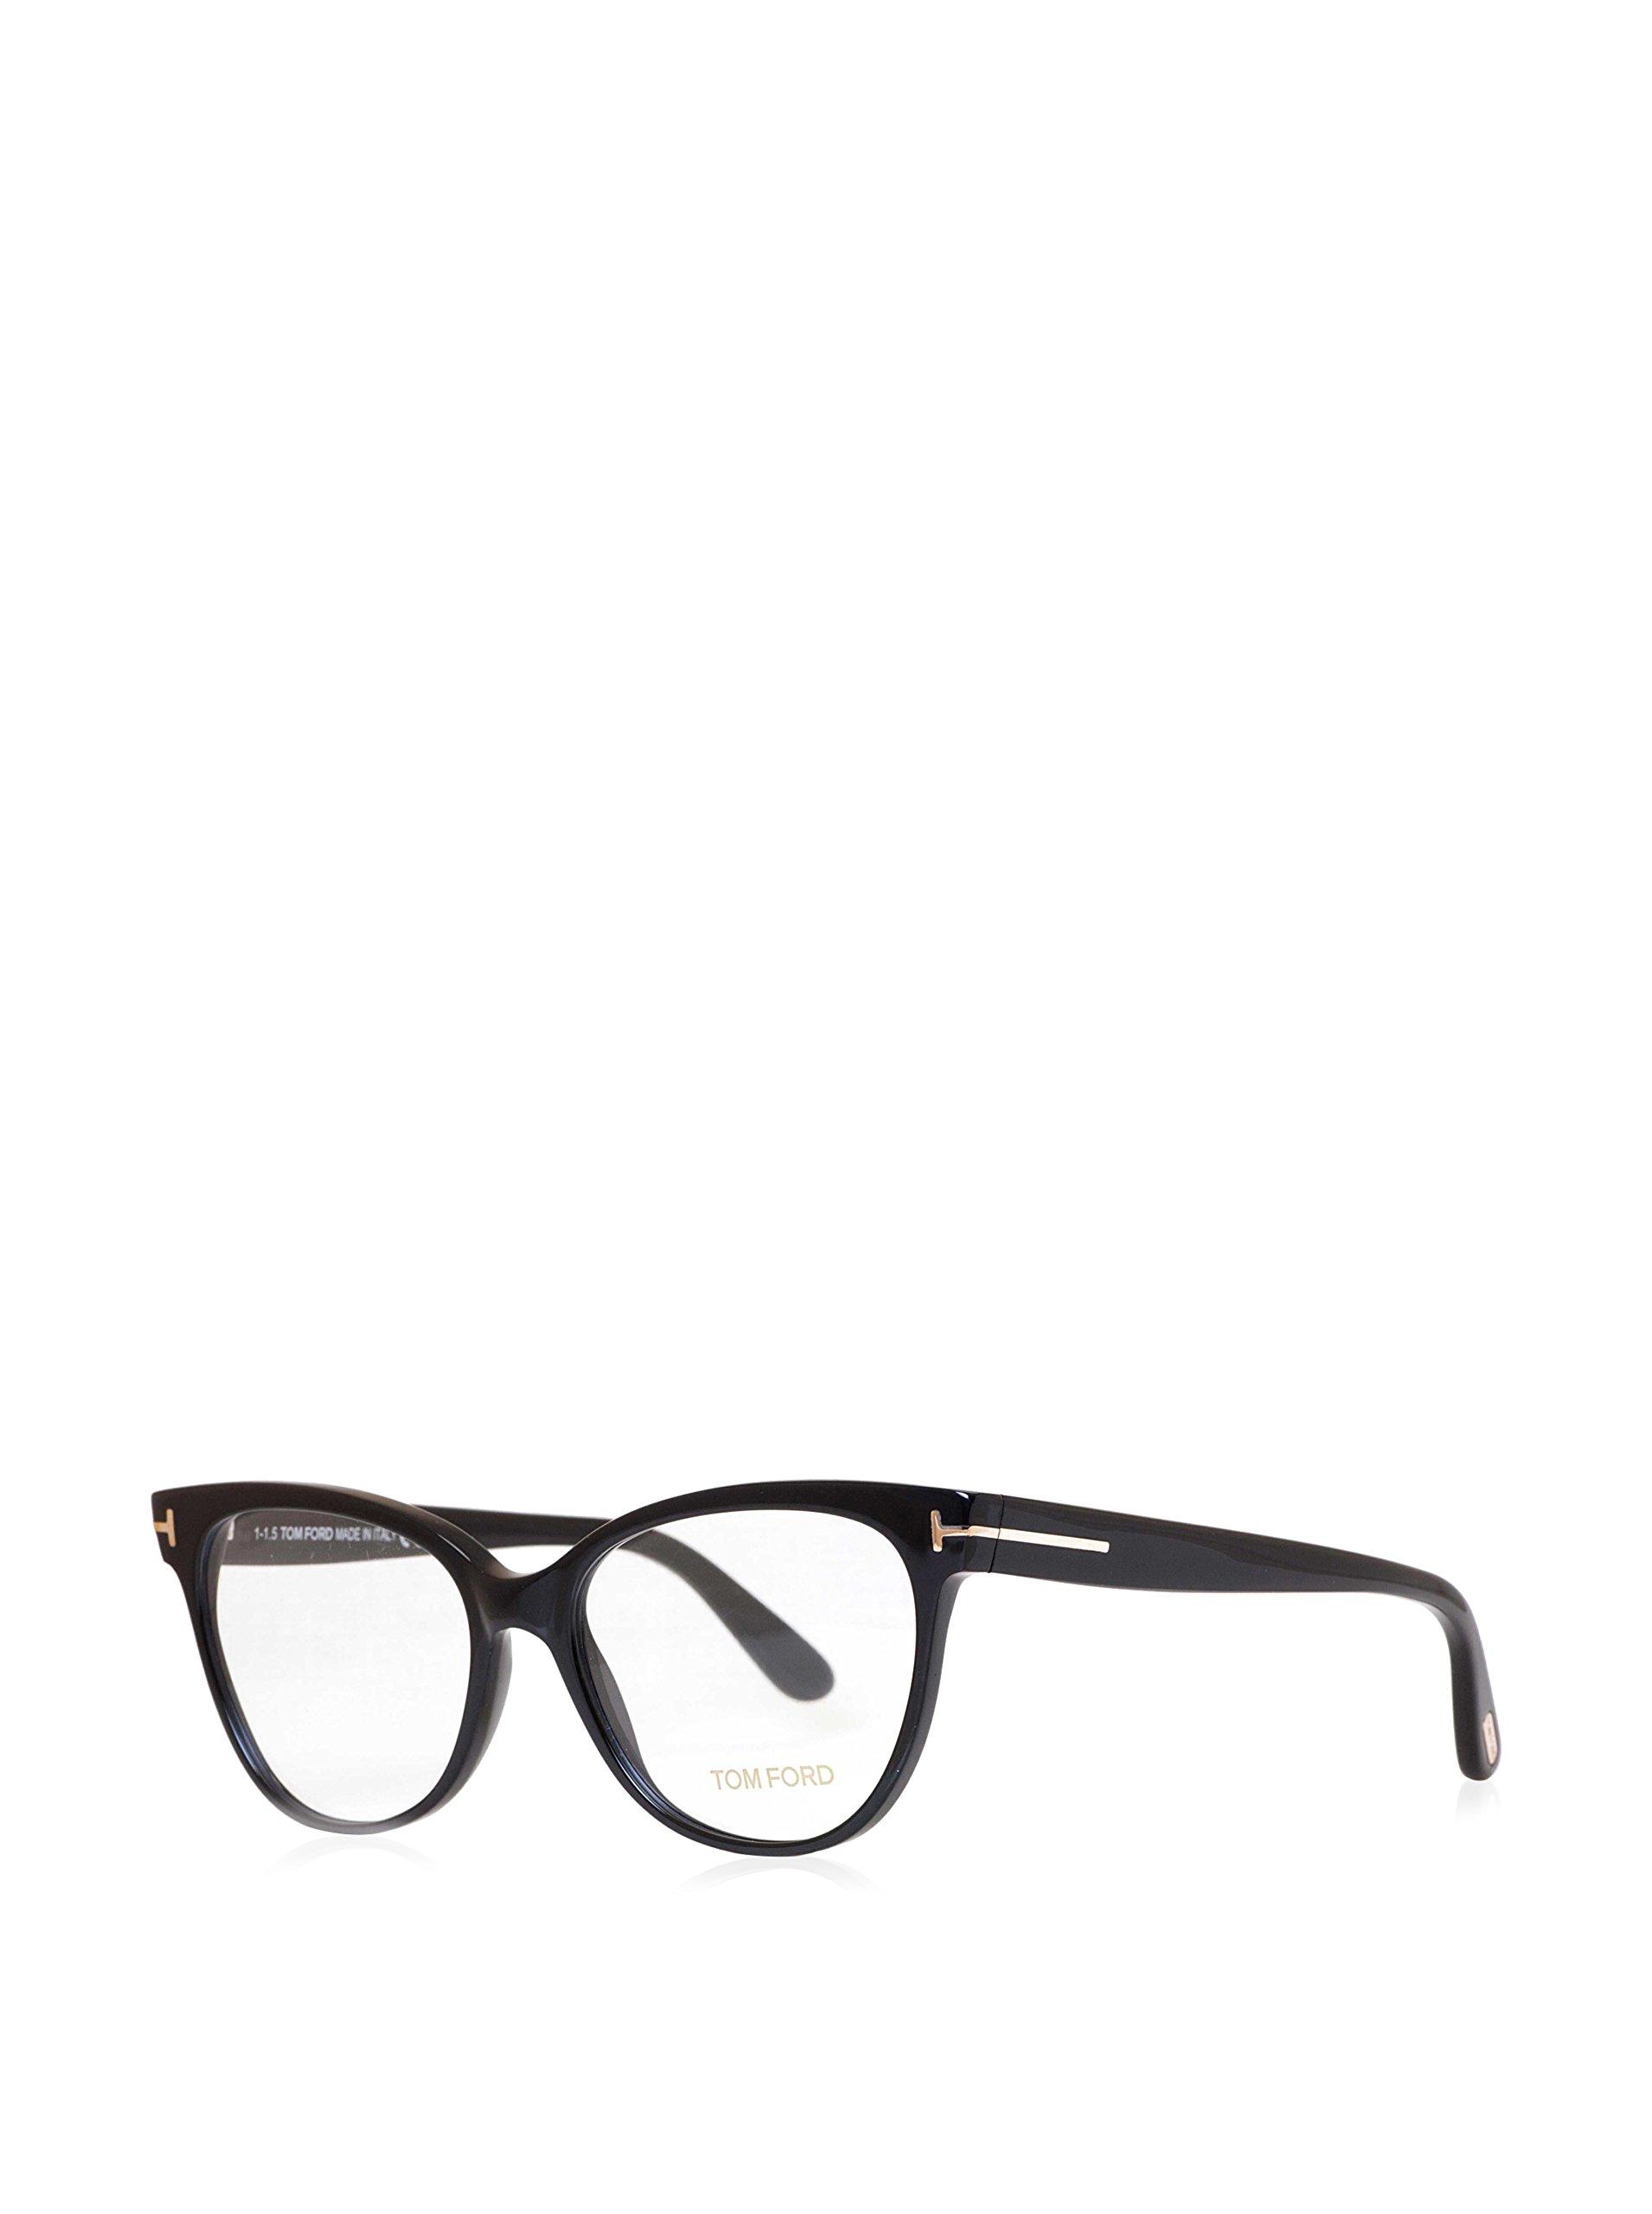 Tom Ford for woman TF5291 - 001, Designer Eyeglasses Caliber 55